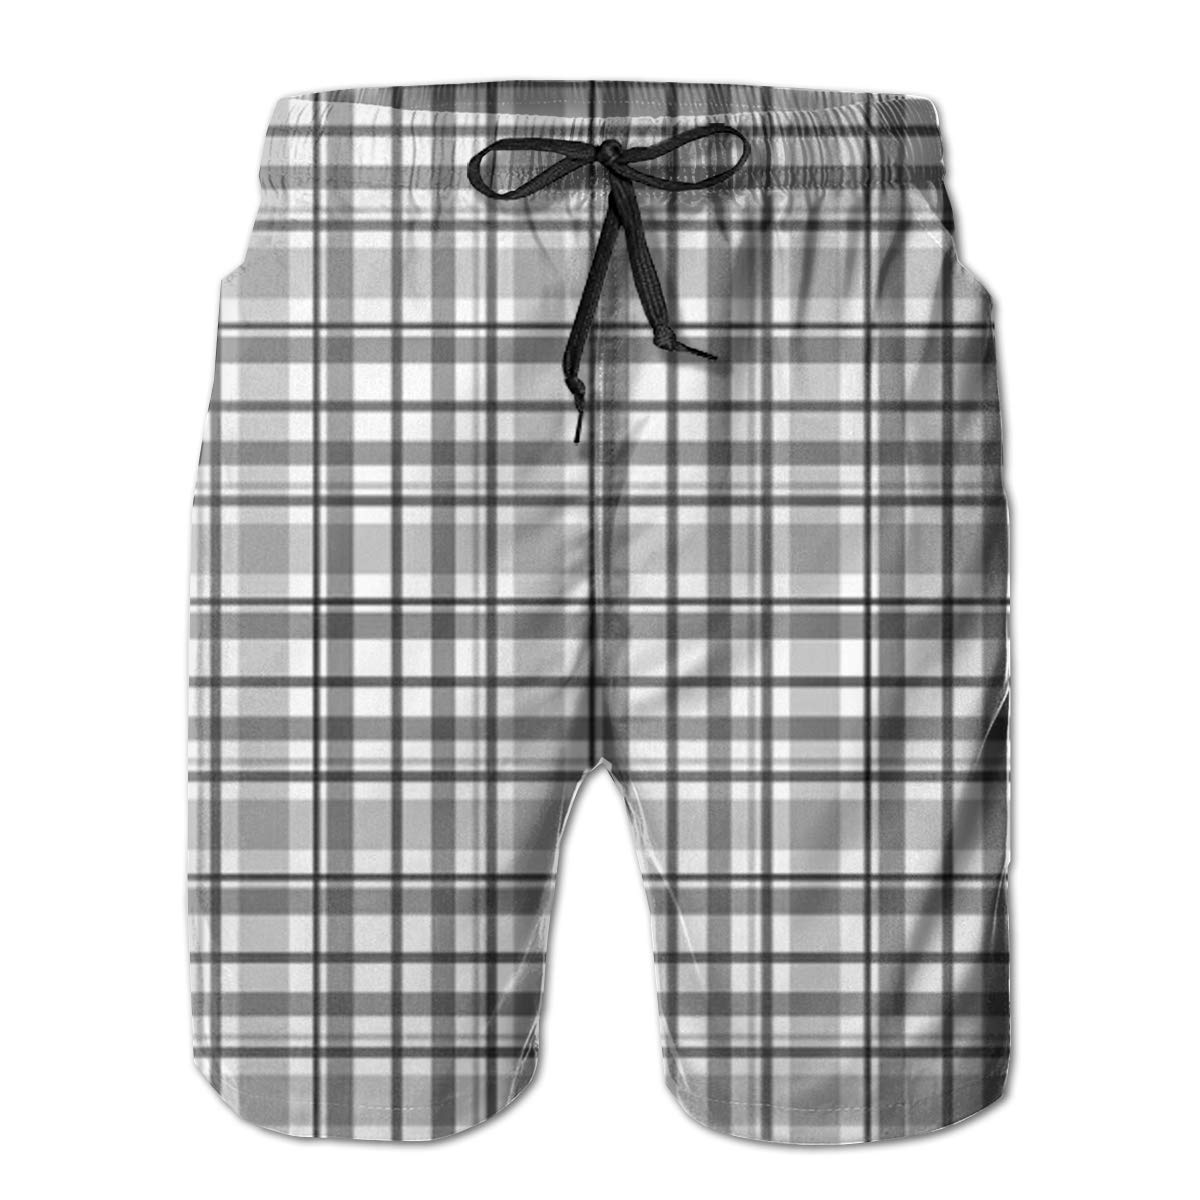 Gray Plaid Swim Shorts Mens Swim Trunks Beach Shorts Board Shorts